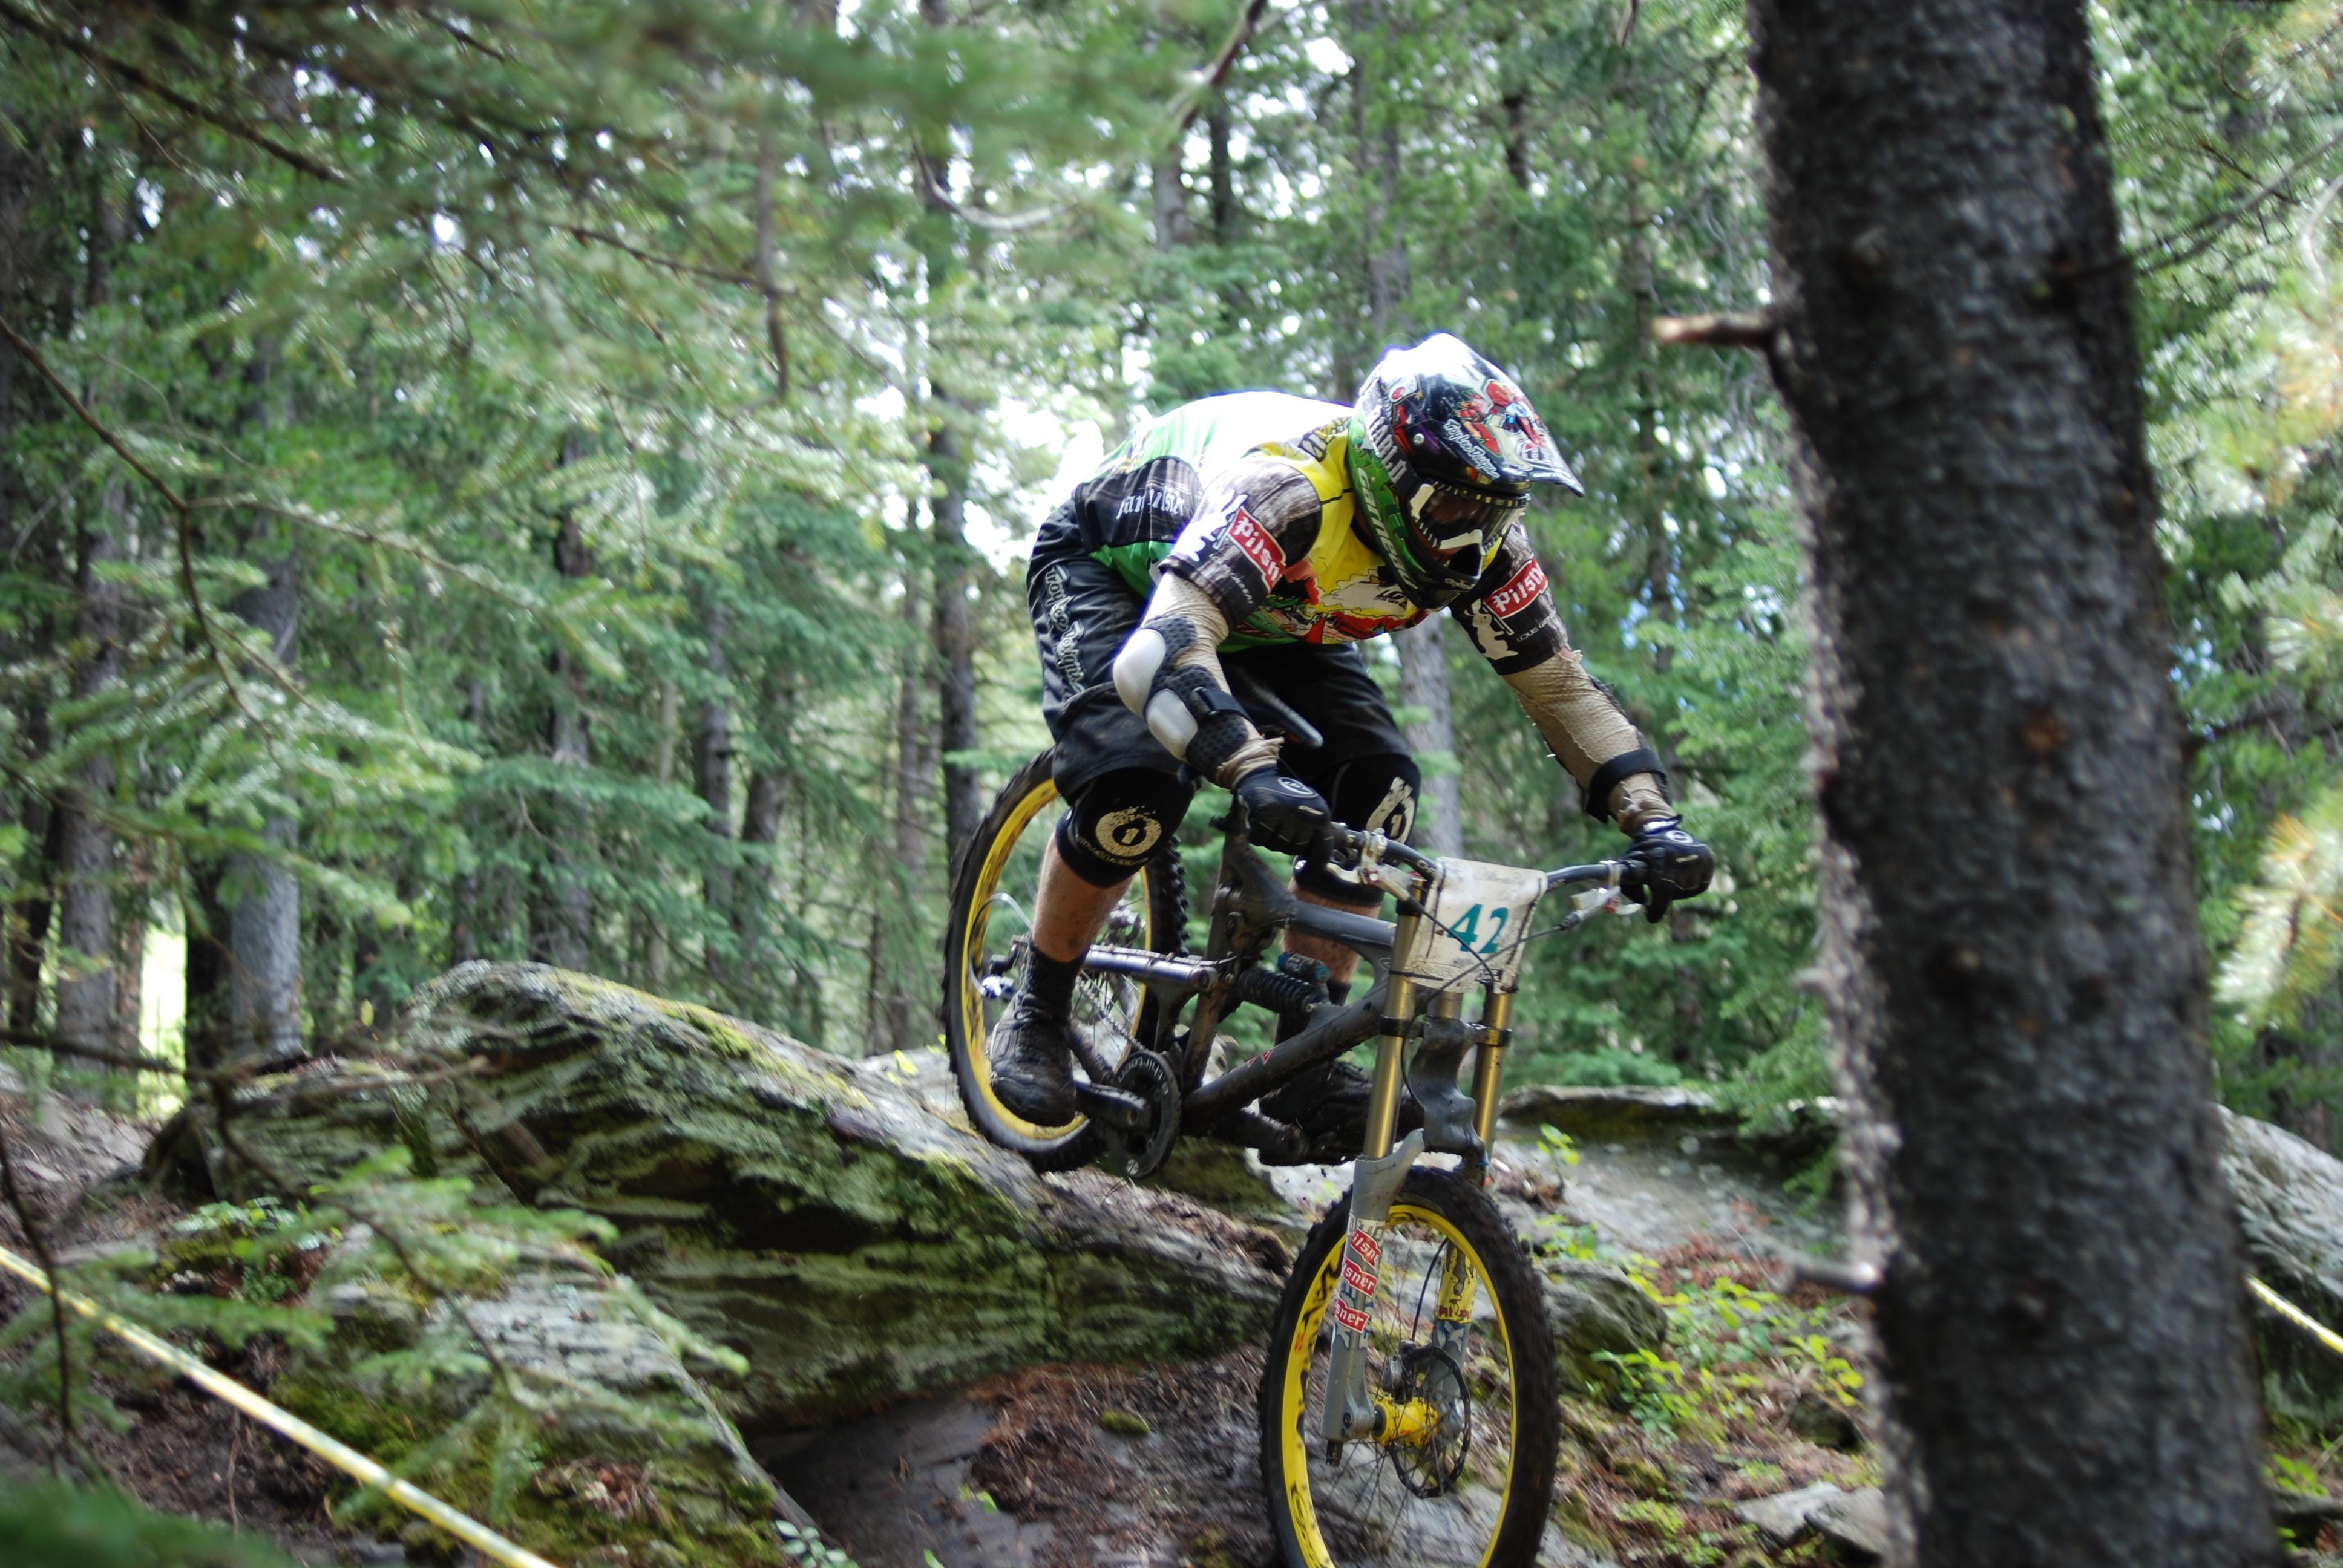 Description Mountain bike in downhill racejpg 3872x2592